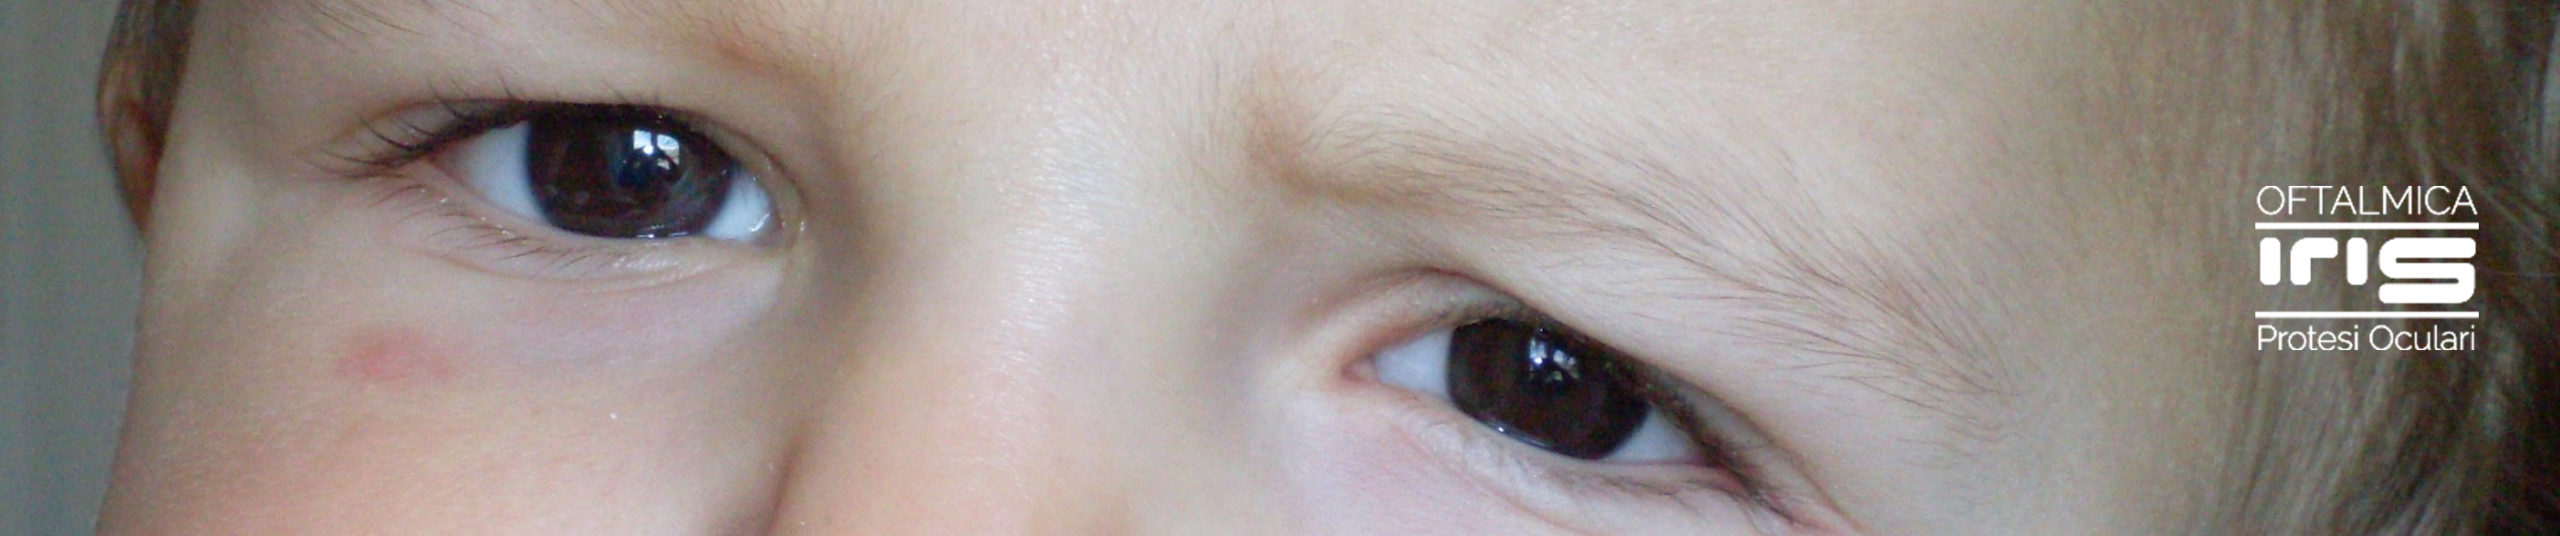 protesi oculare realizzato da oftalmica iris - genova - protesi per bambini